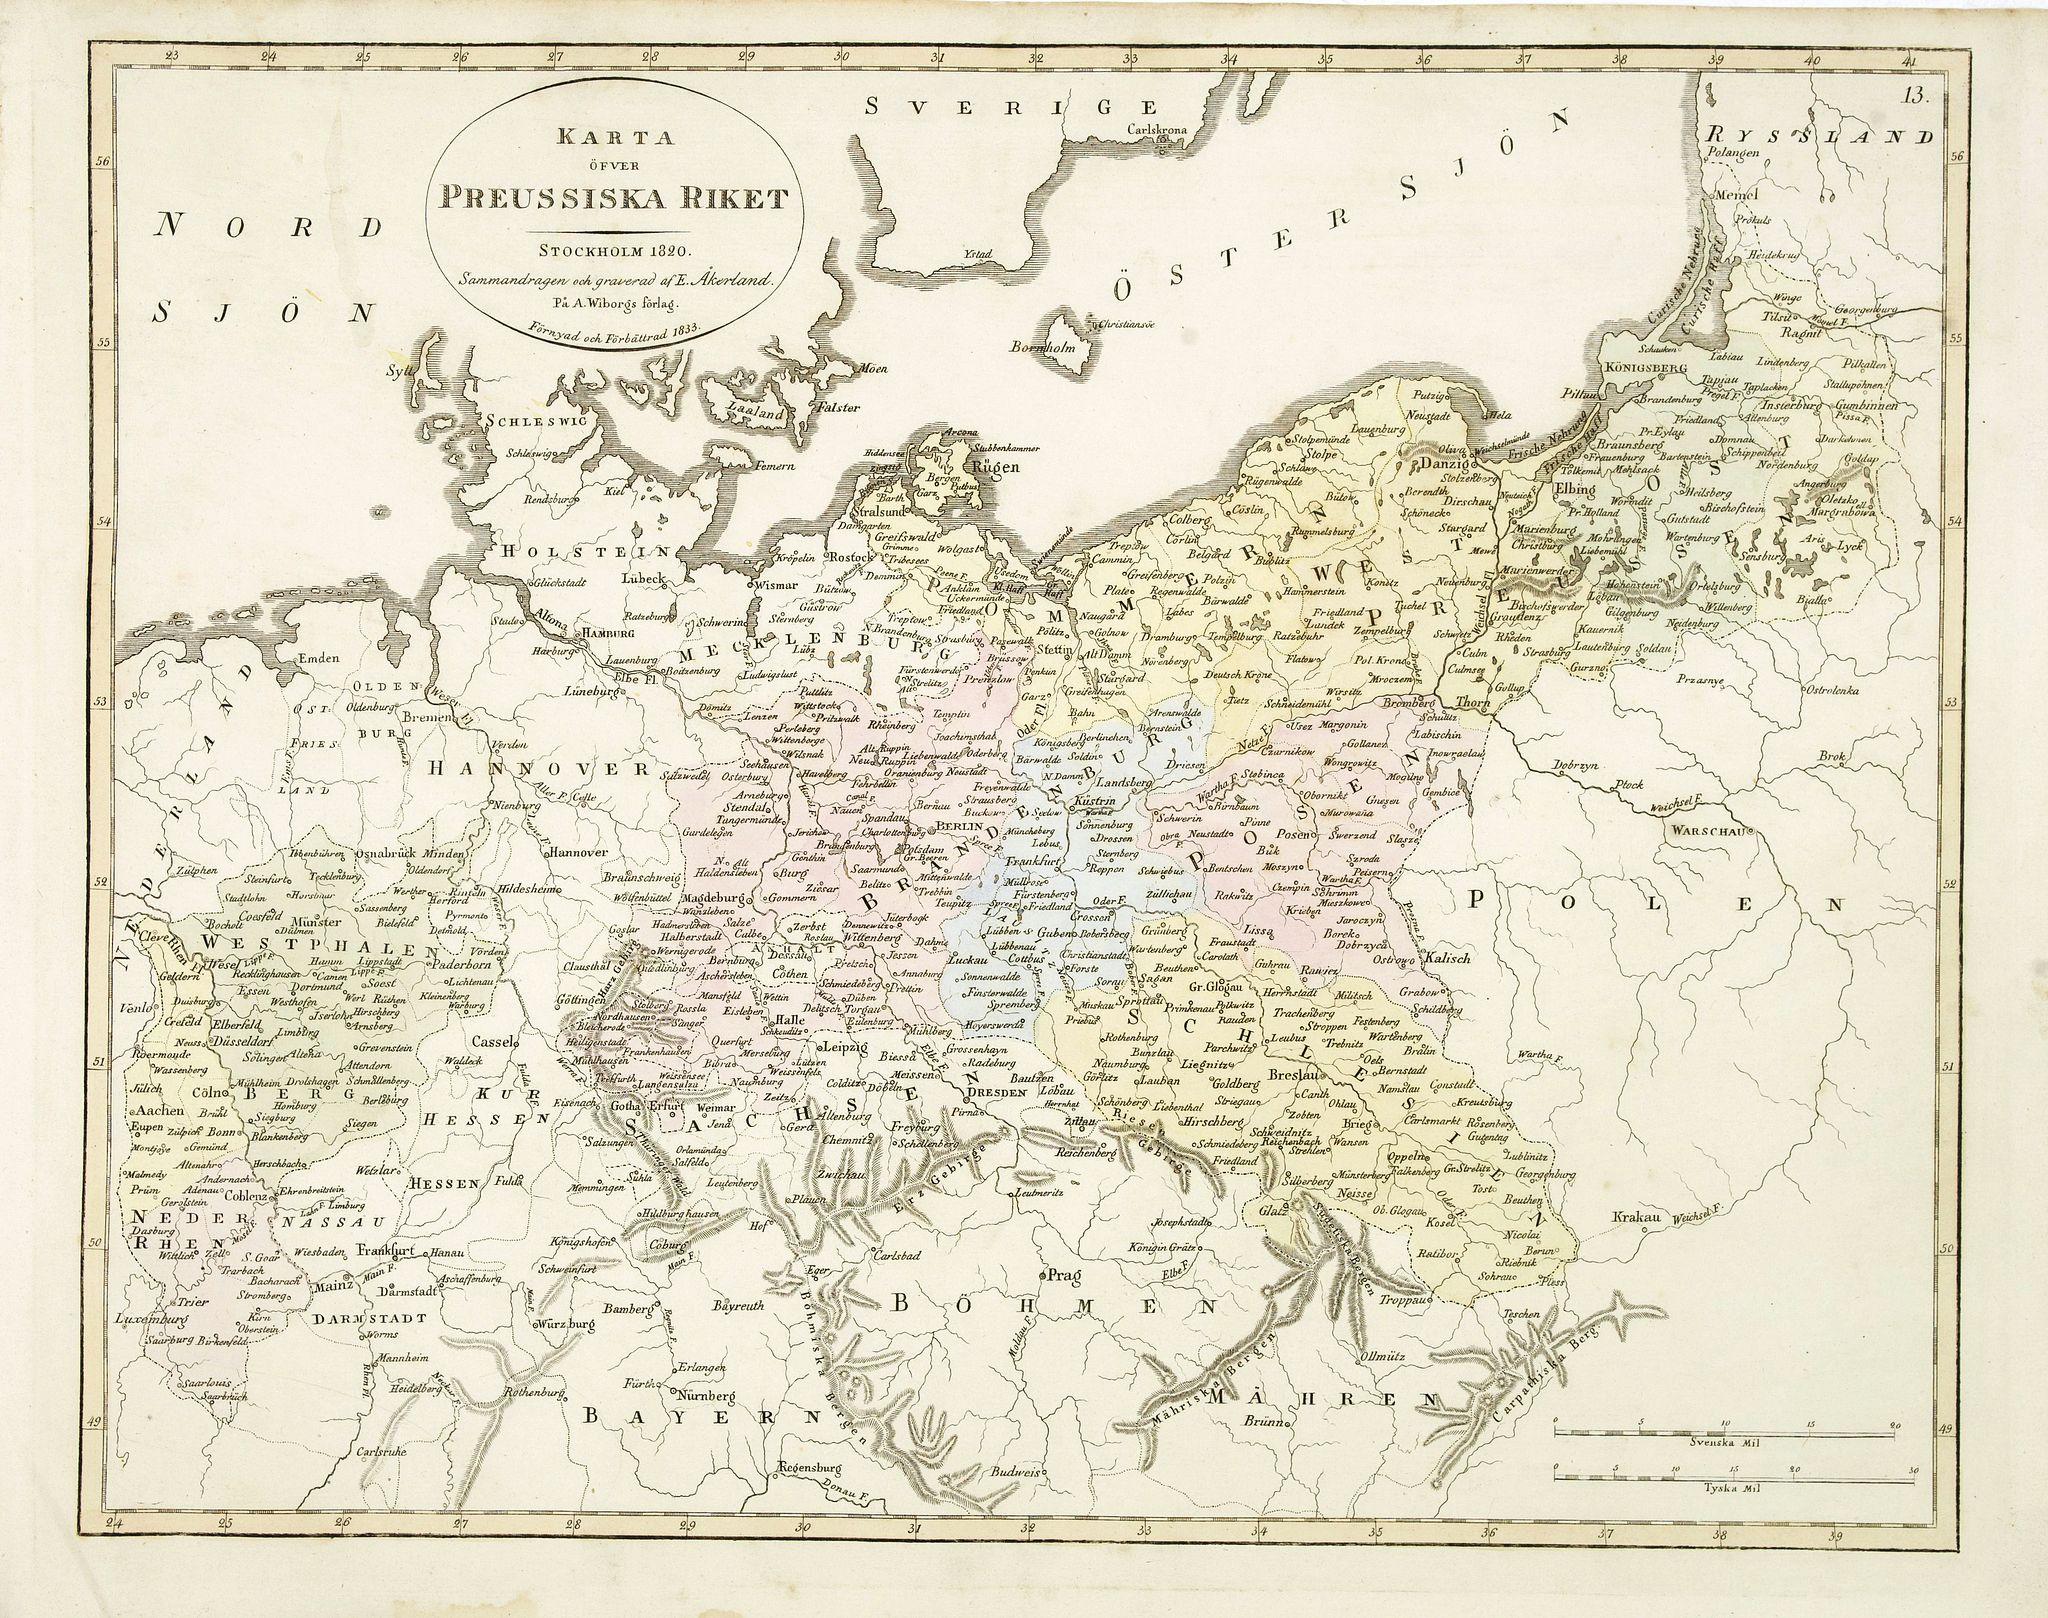 ÅKERLAND, E. -  Karta öfver Preussiska riket.